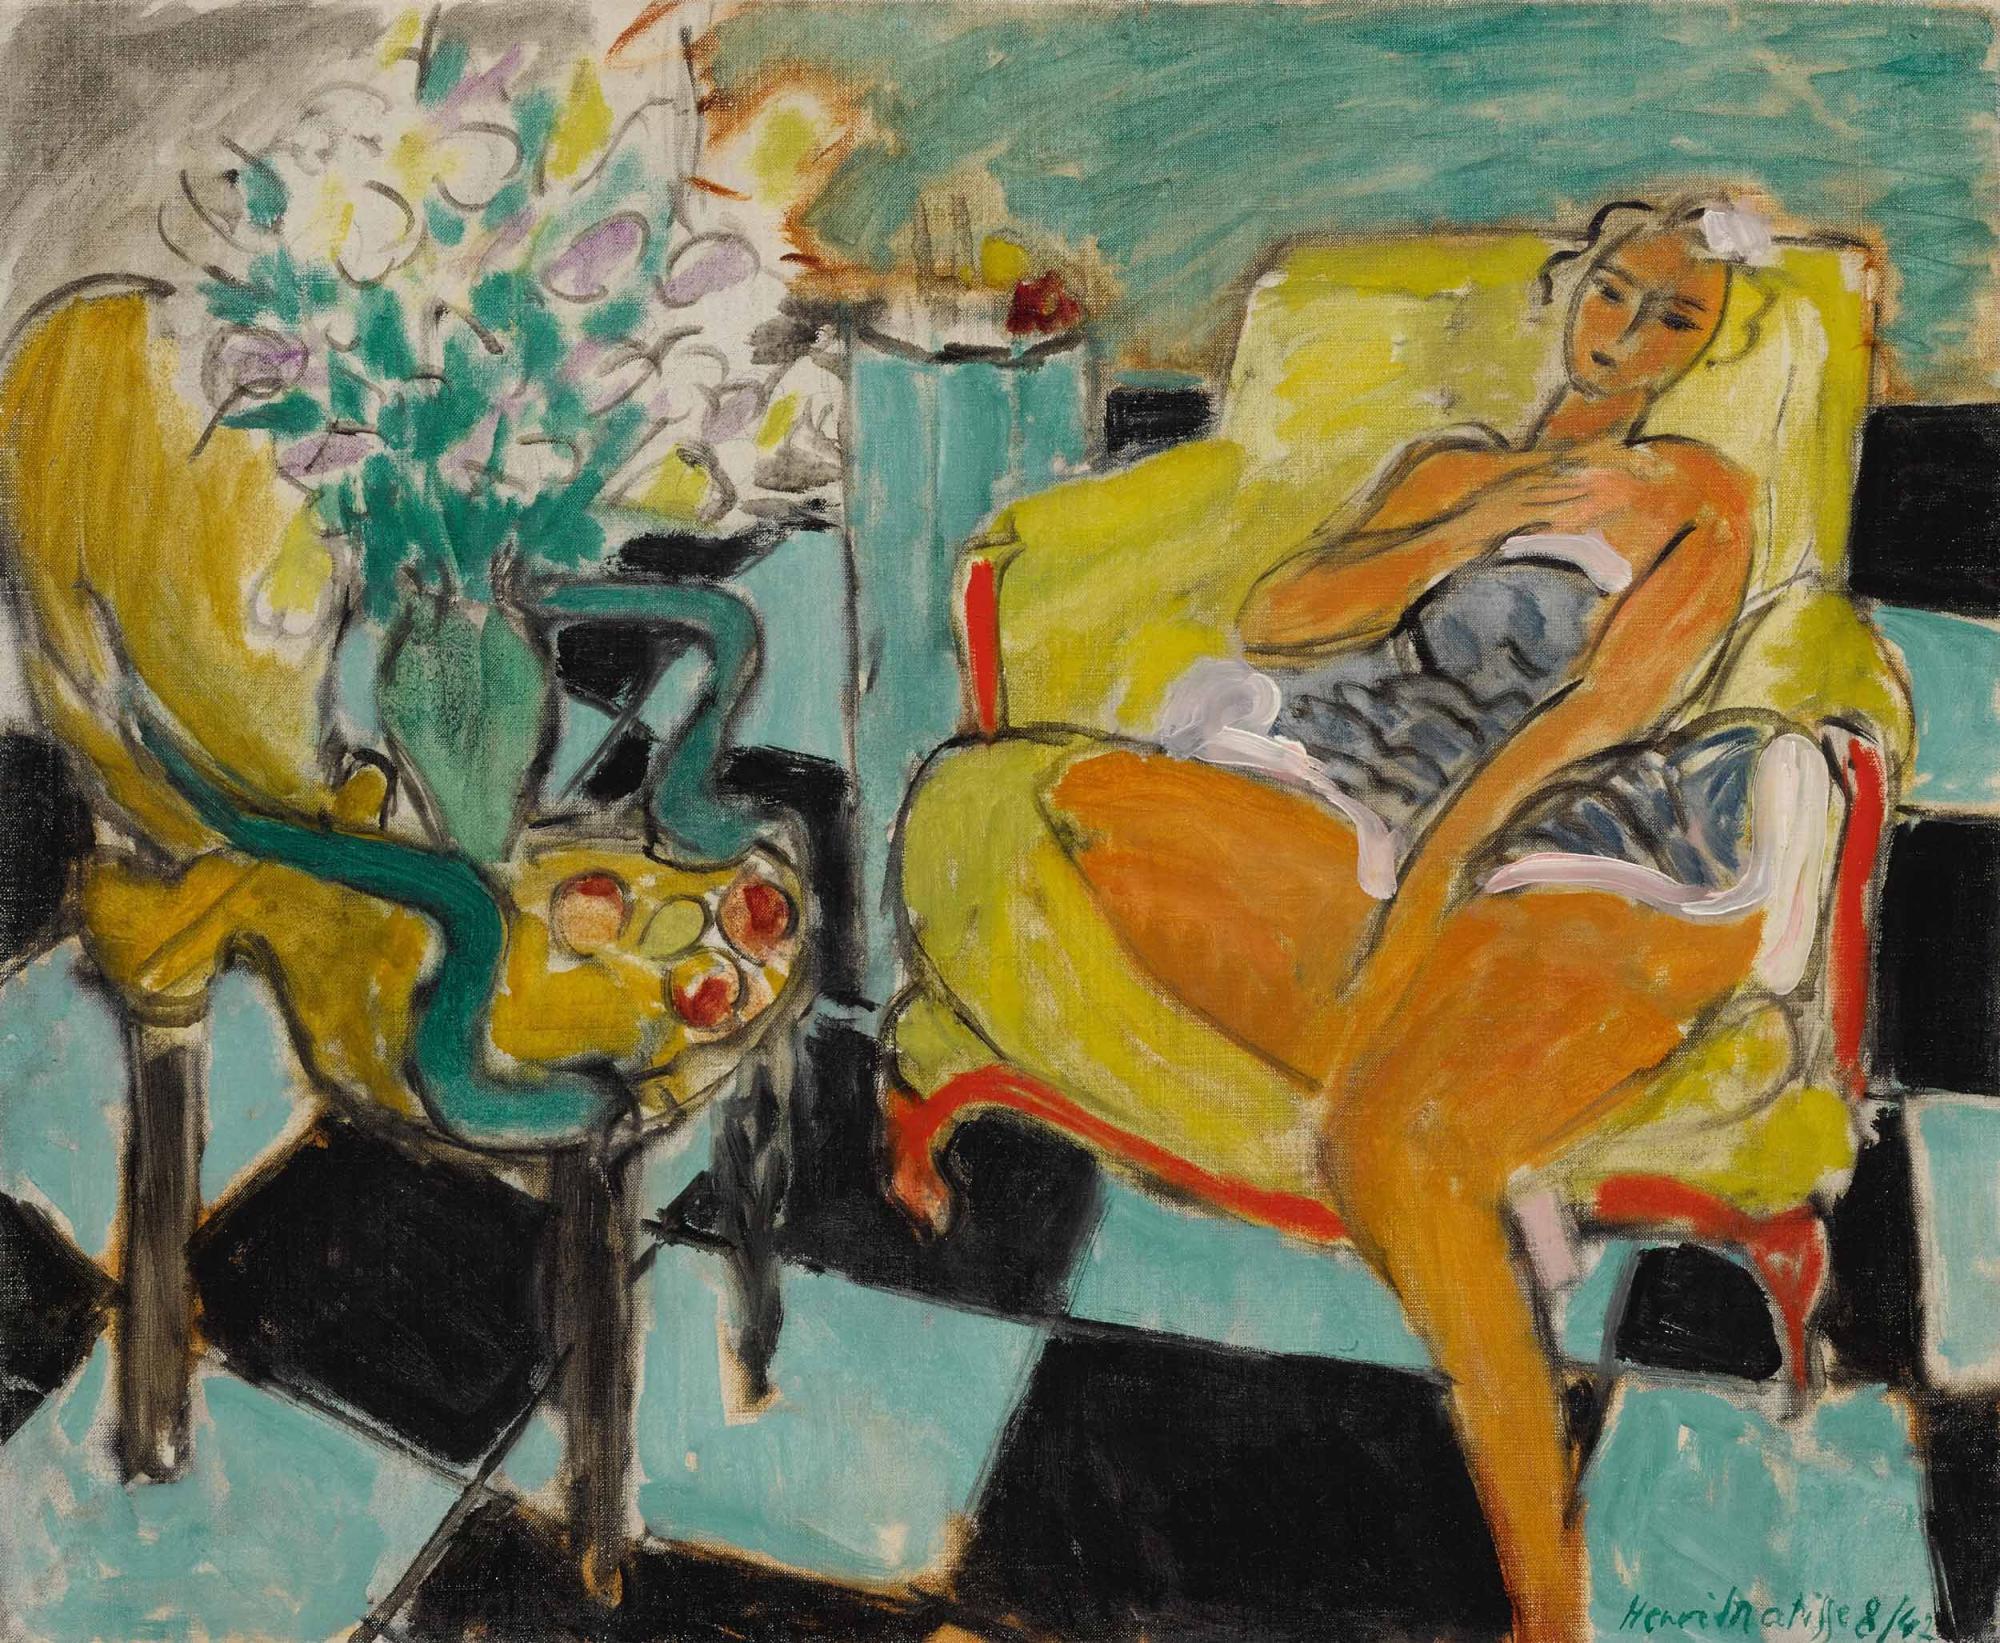 Lot-31-Henri-Matisse-Danseuse-assise-dans-un-fauteuil-1942-oil-on-canvas-est.jpg